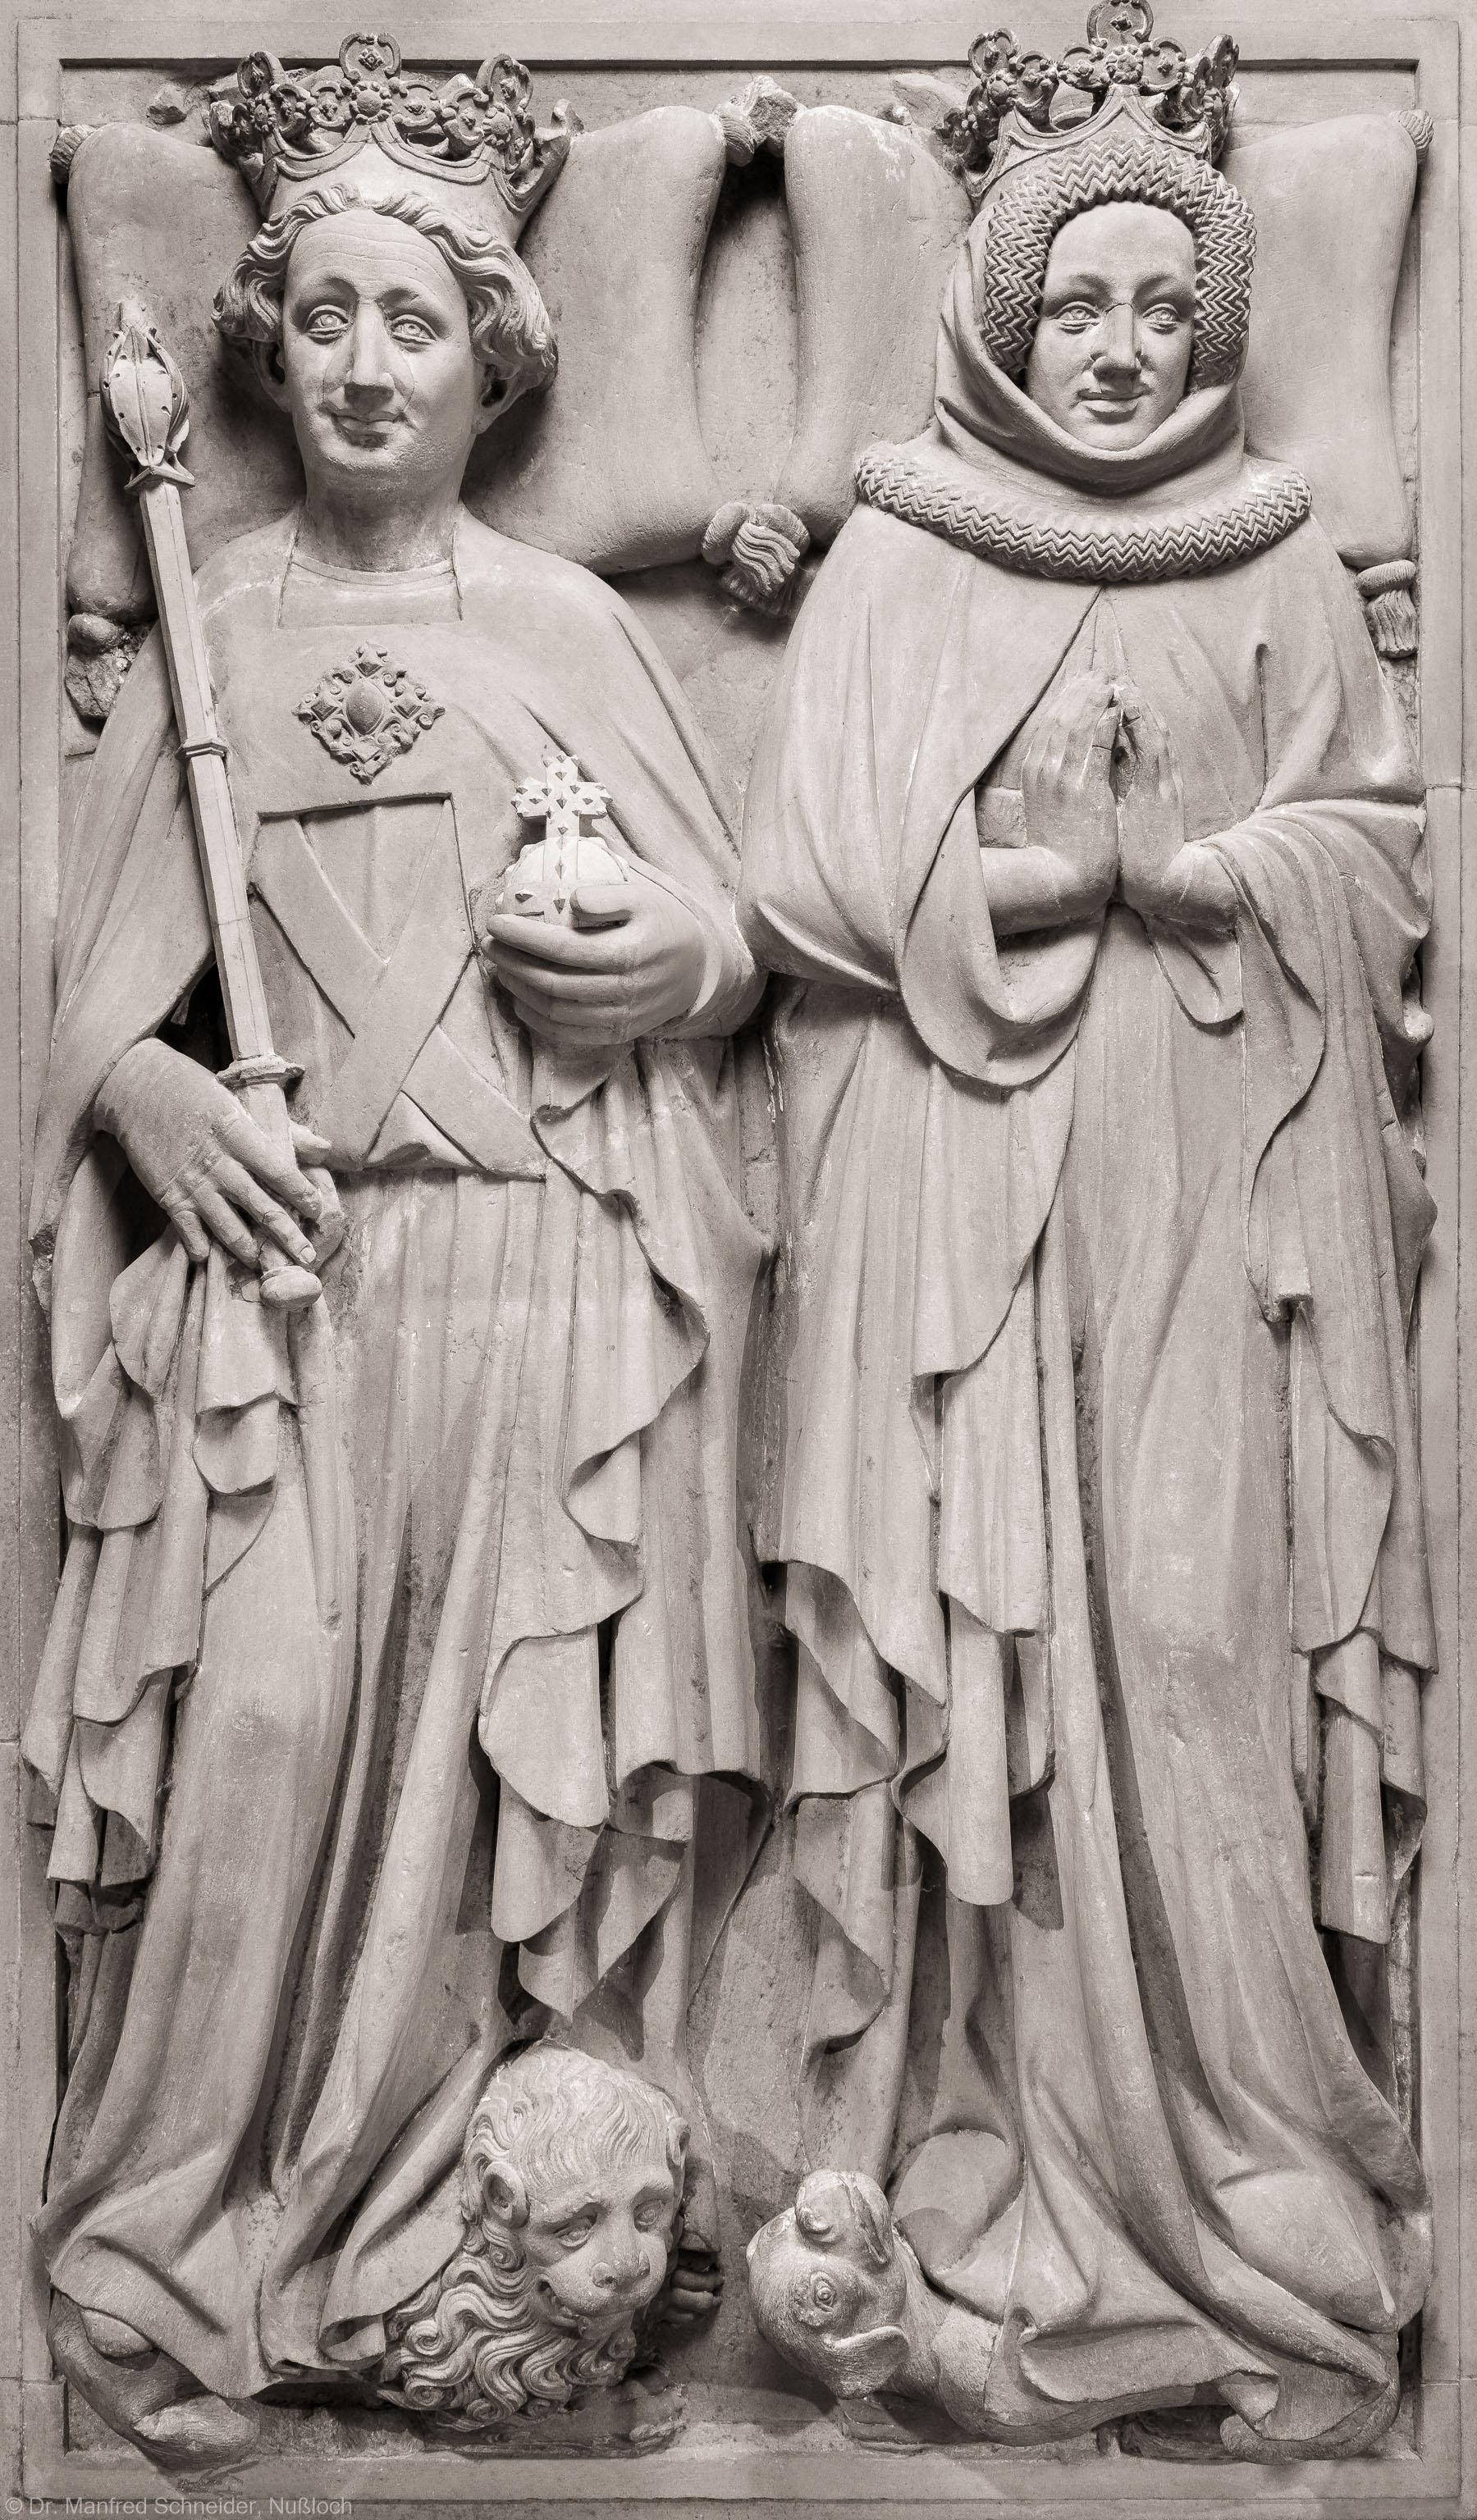 Heidelberg - Heiliggeistkirche - Nordschiff - Königsgrab - Grabplatte des Kurfürsten Ruprecht III. und seiner Gemahlin Elisabeth von Hohenzollern (aufgenommen im Februar 2015, am Nachmittag)